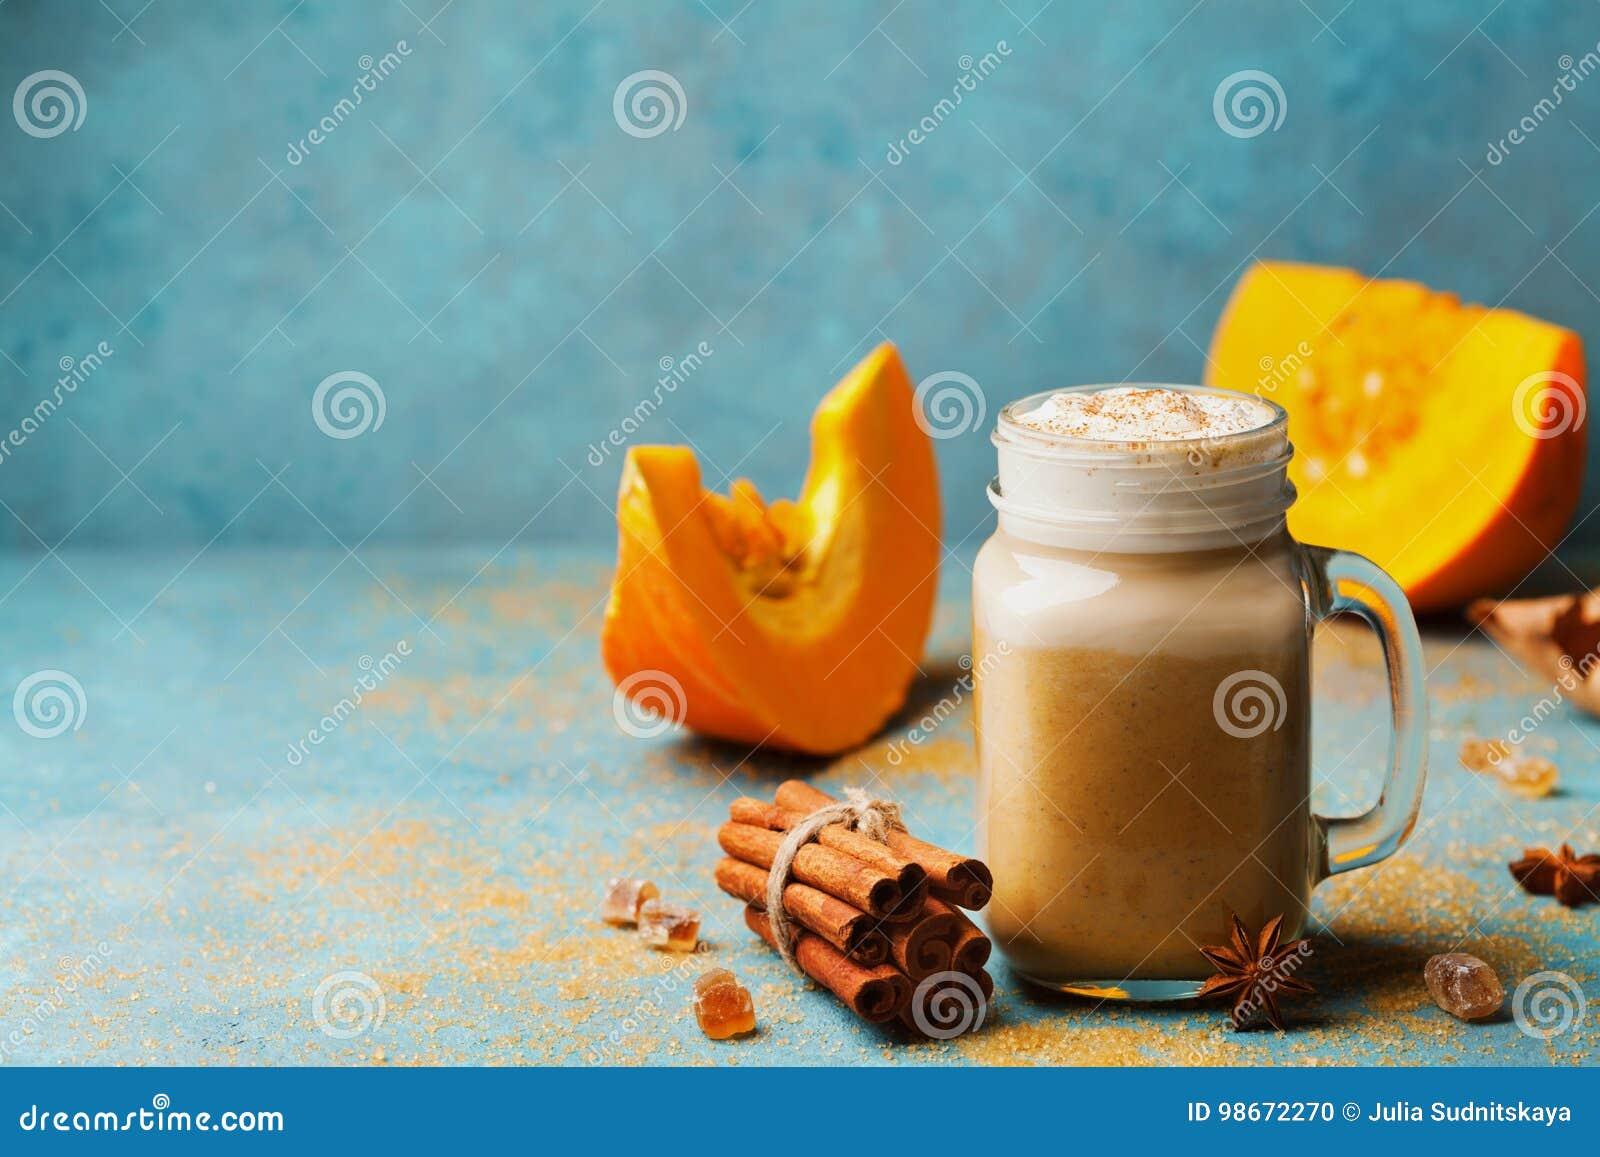 Κολοκύθα που καρυκεύεται latte ή καφές στο γυαλί στον τυρκουάζ εκλεκτής ποιότητας πίνακα Ζεστό ποτό φθινοπώρου, πτώσης ή χειμώνα